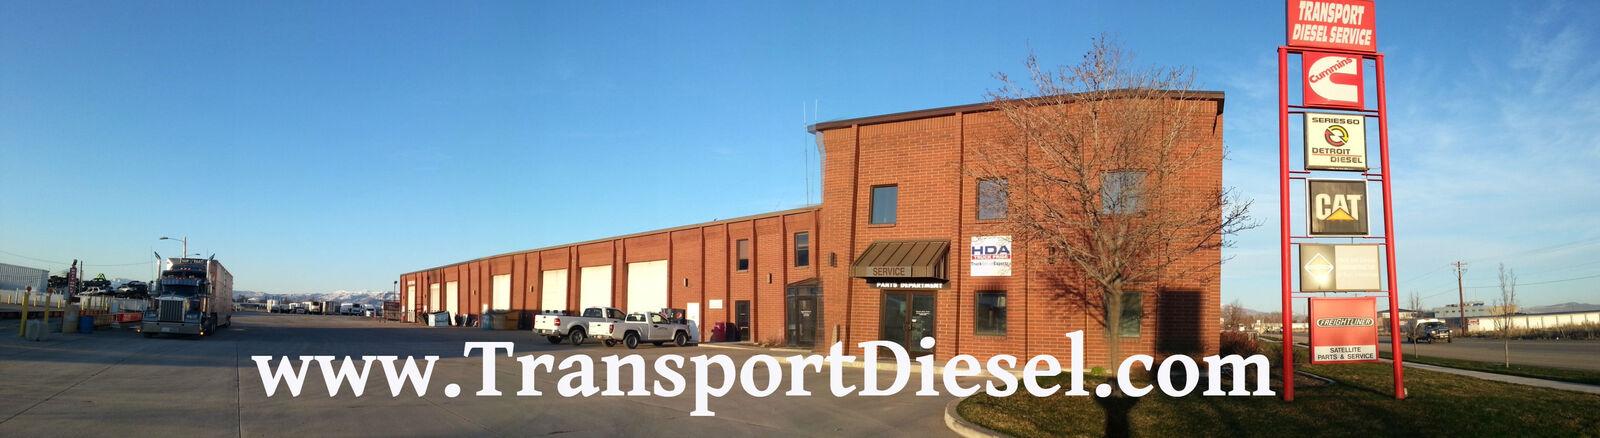 Transport Diesel